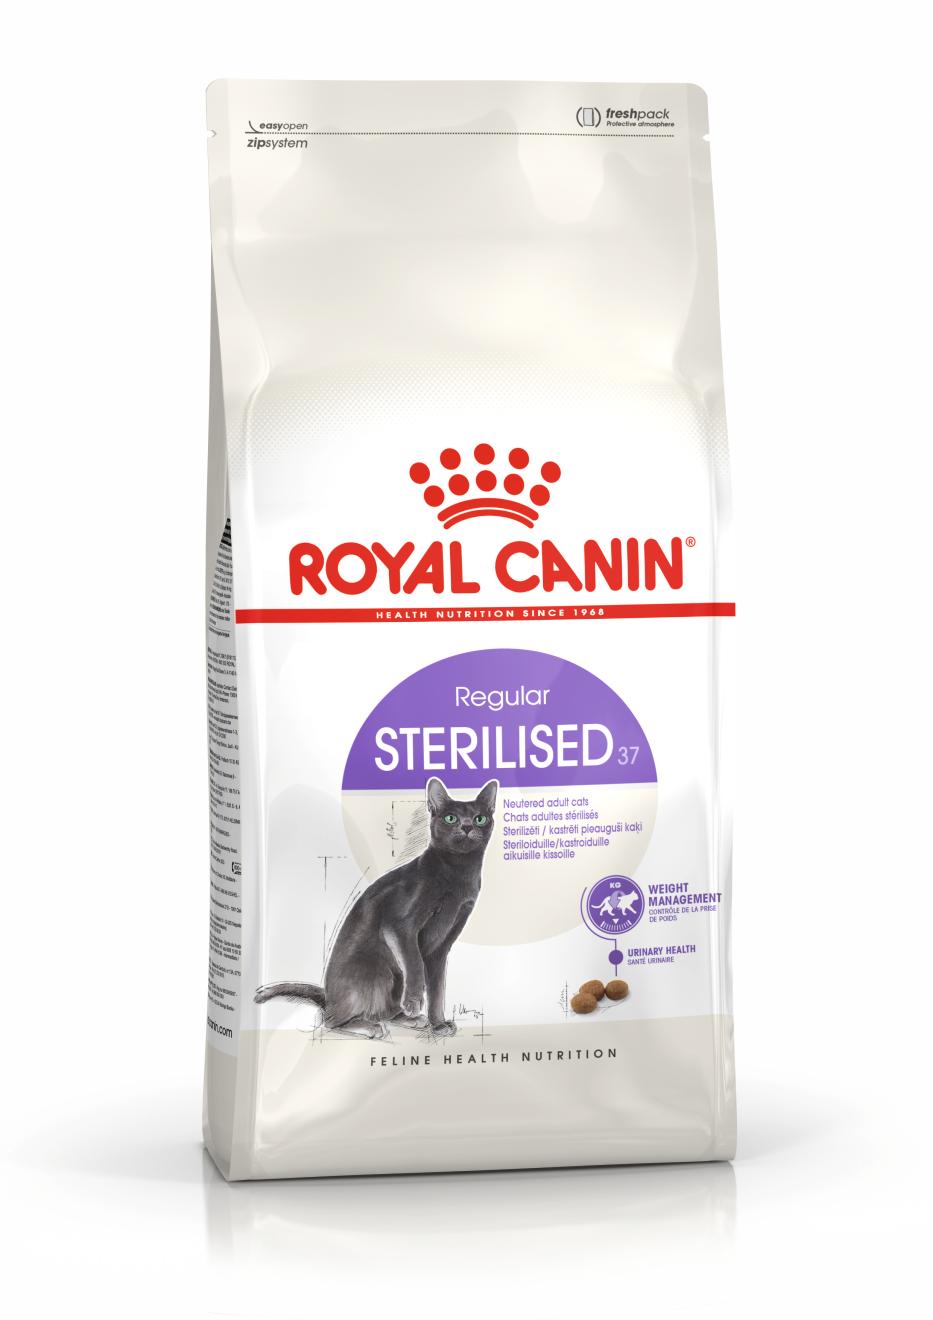 Sterilised 37 product image